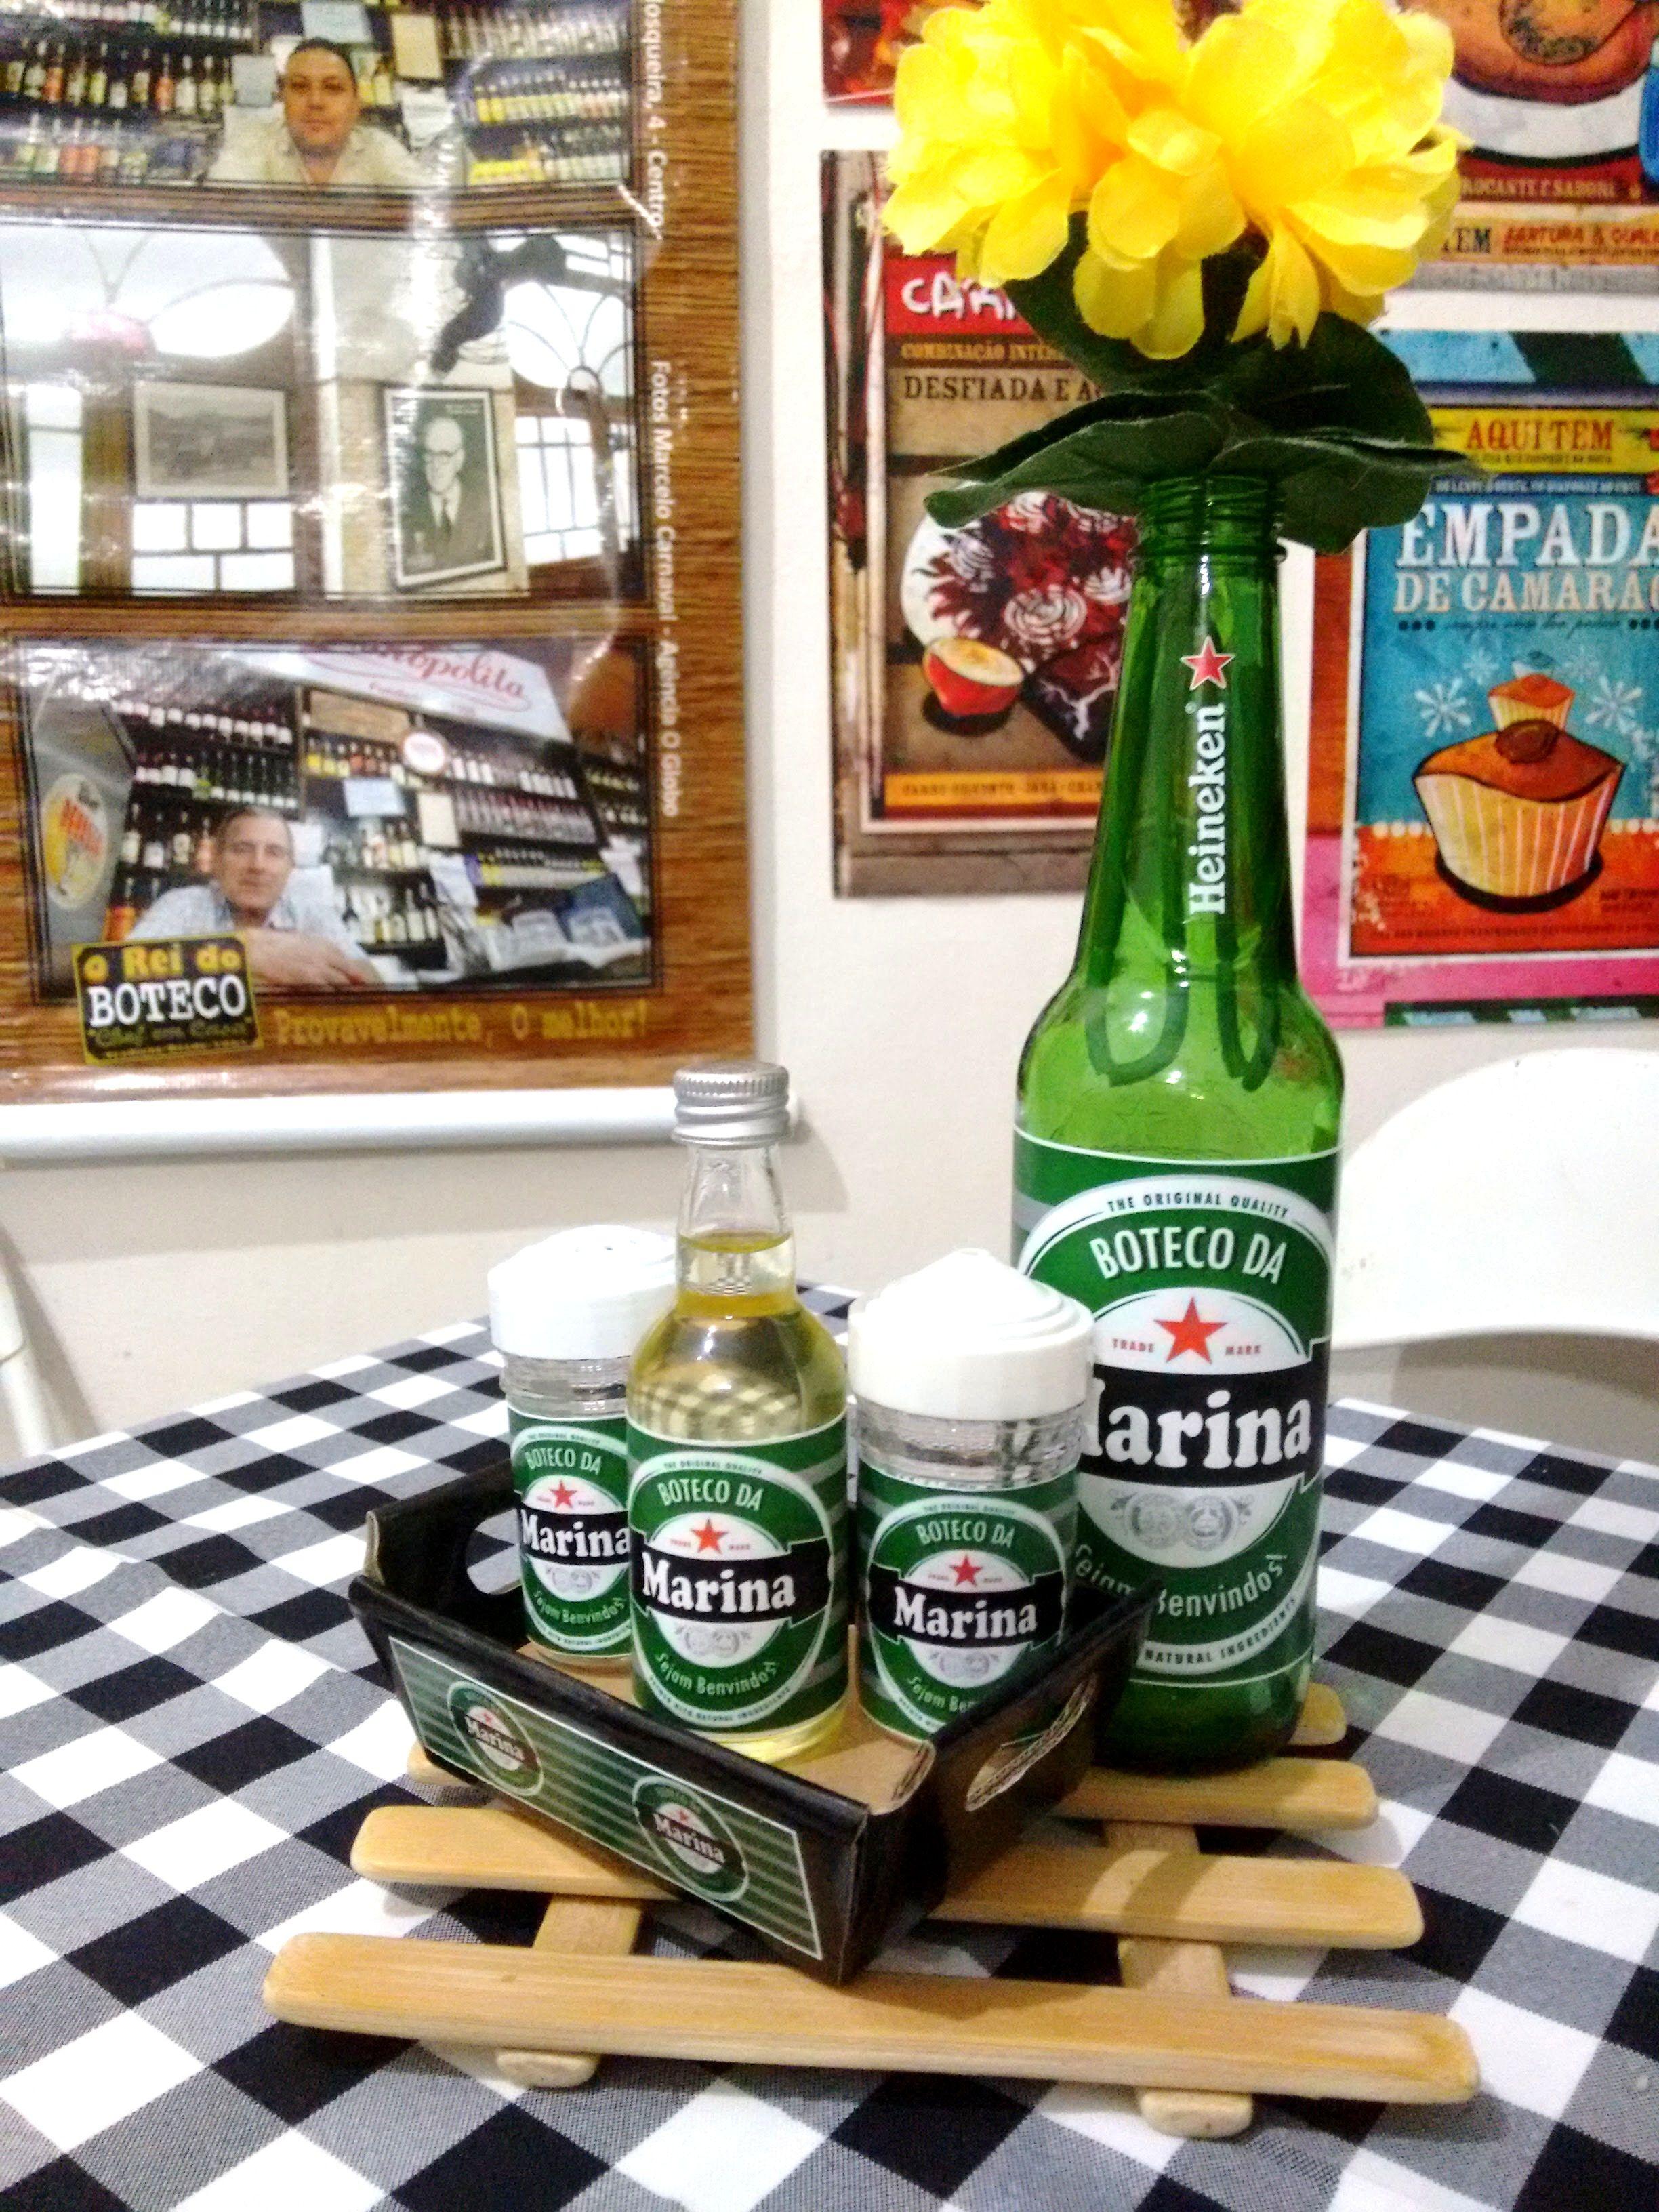 Enfeite de mesa enfeite de mesa Festa tema boteco, Festa buteco e Festa boteco ideias